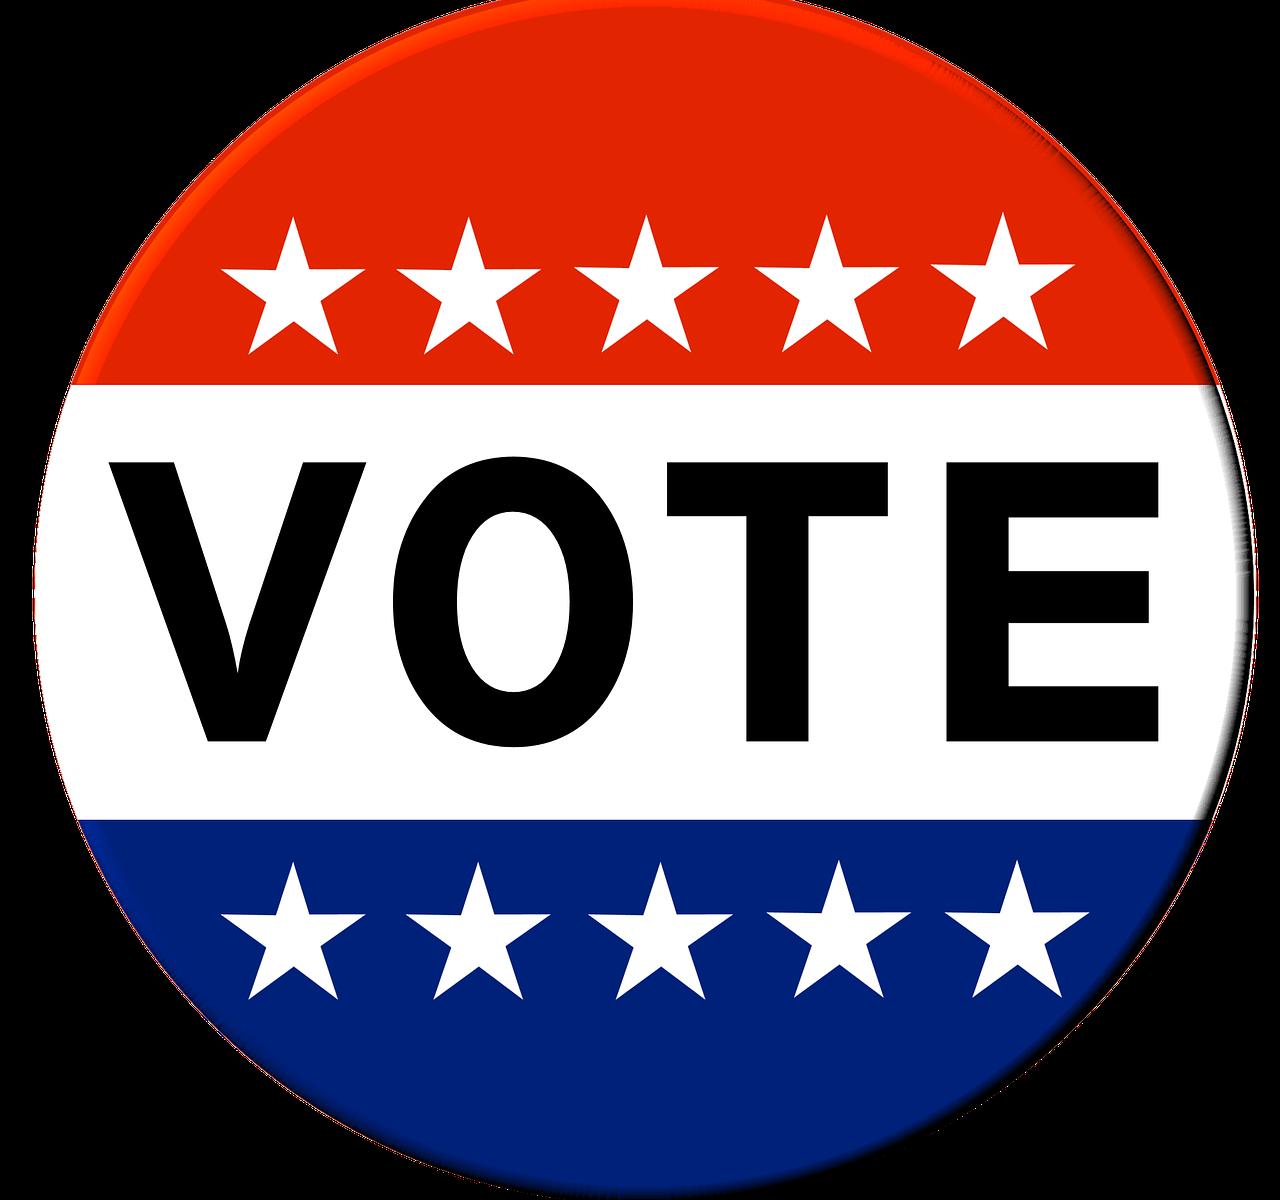 California hoa condo co. Election clipart election canadian